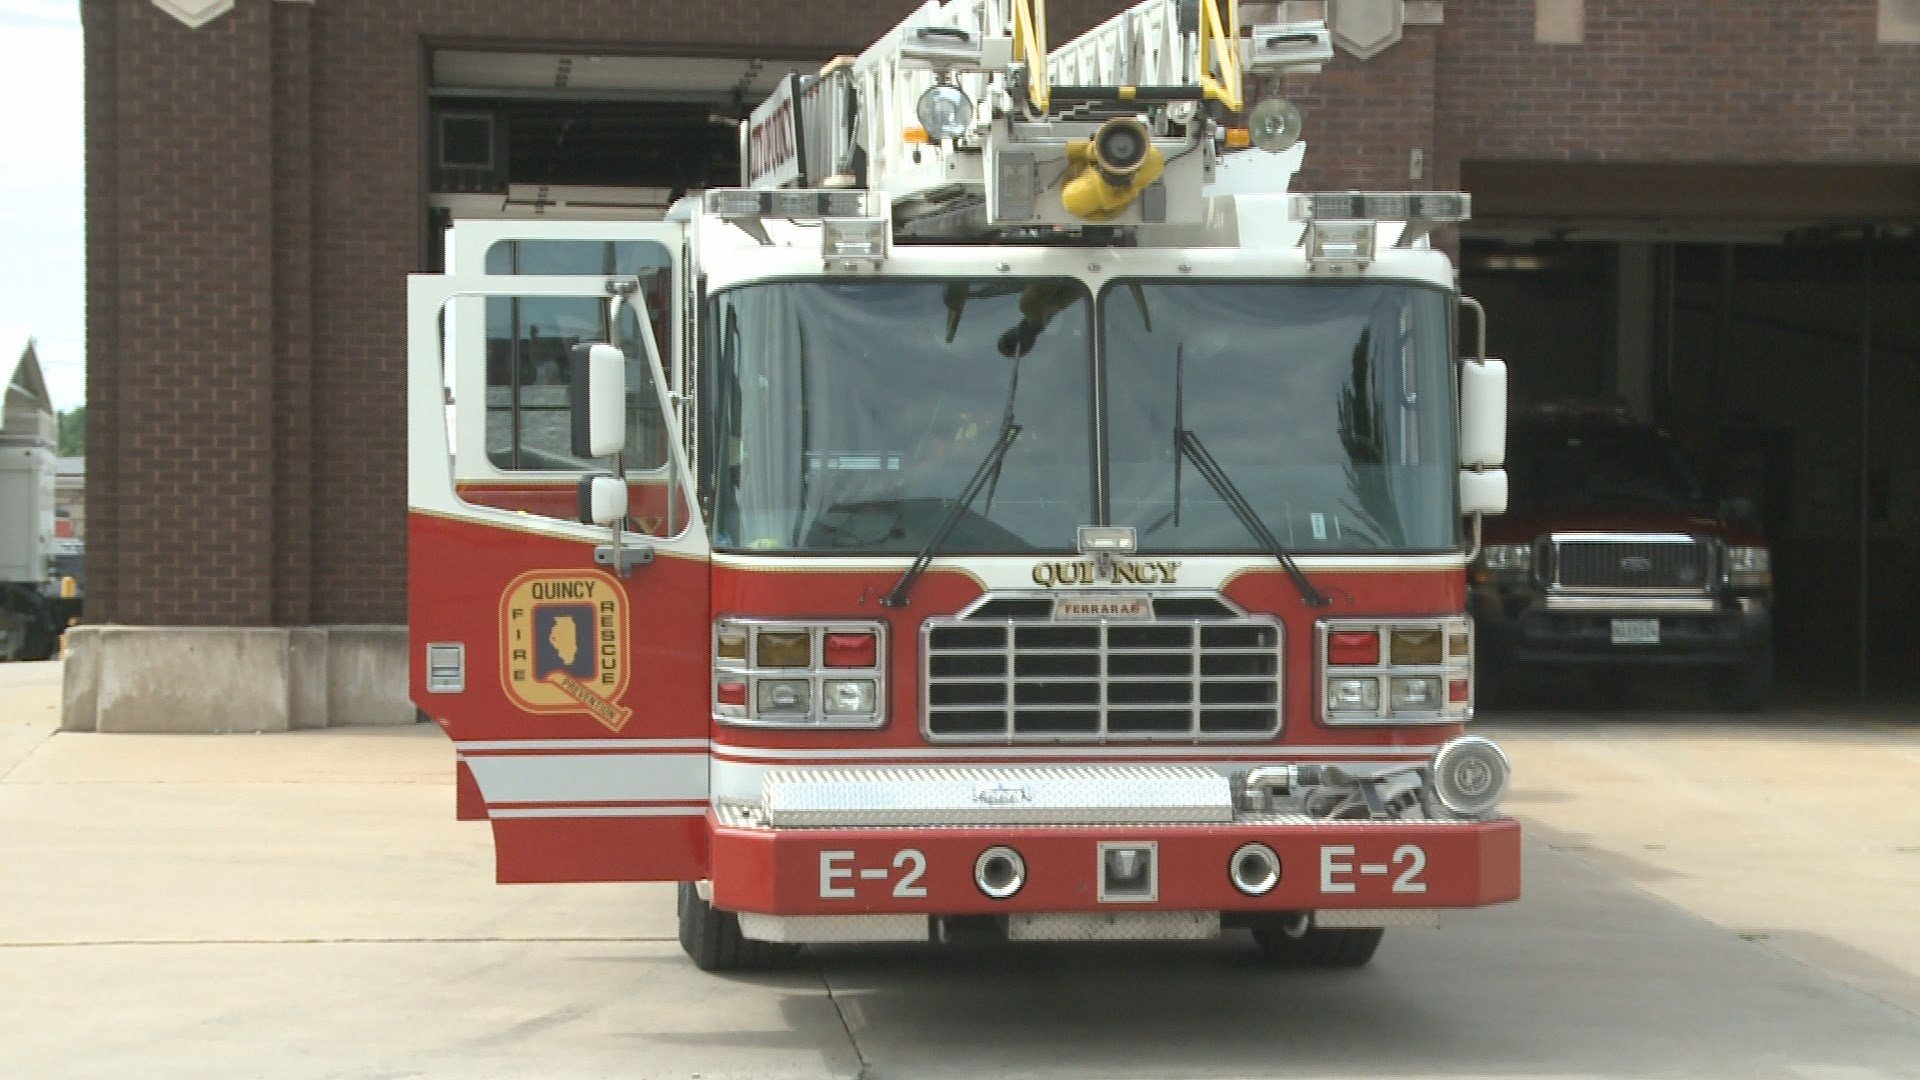 Quincy fire truck